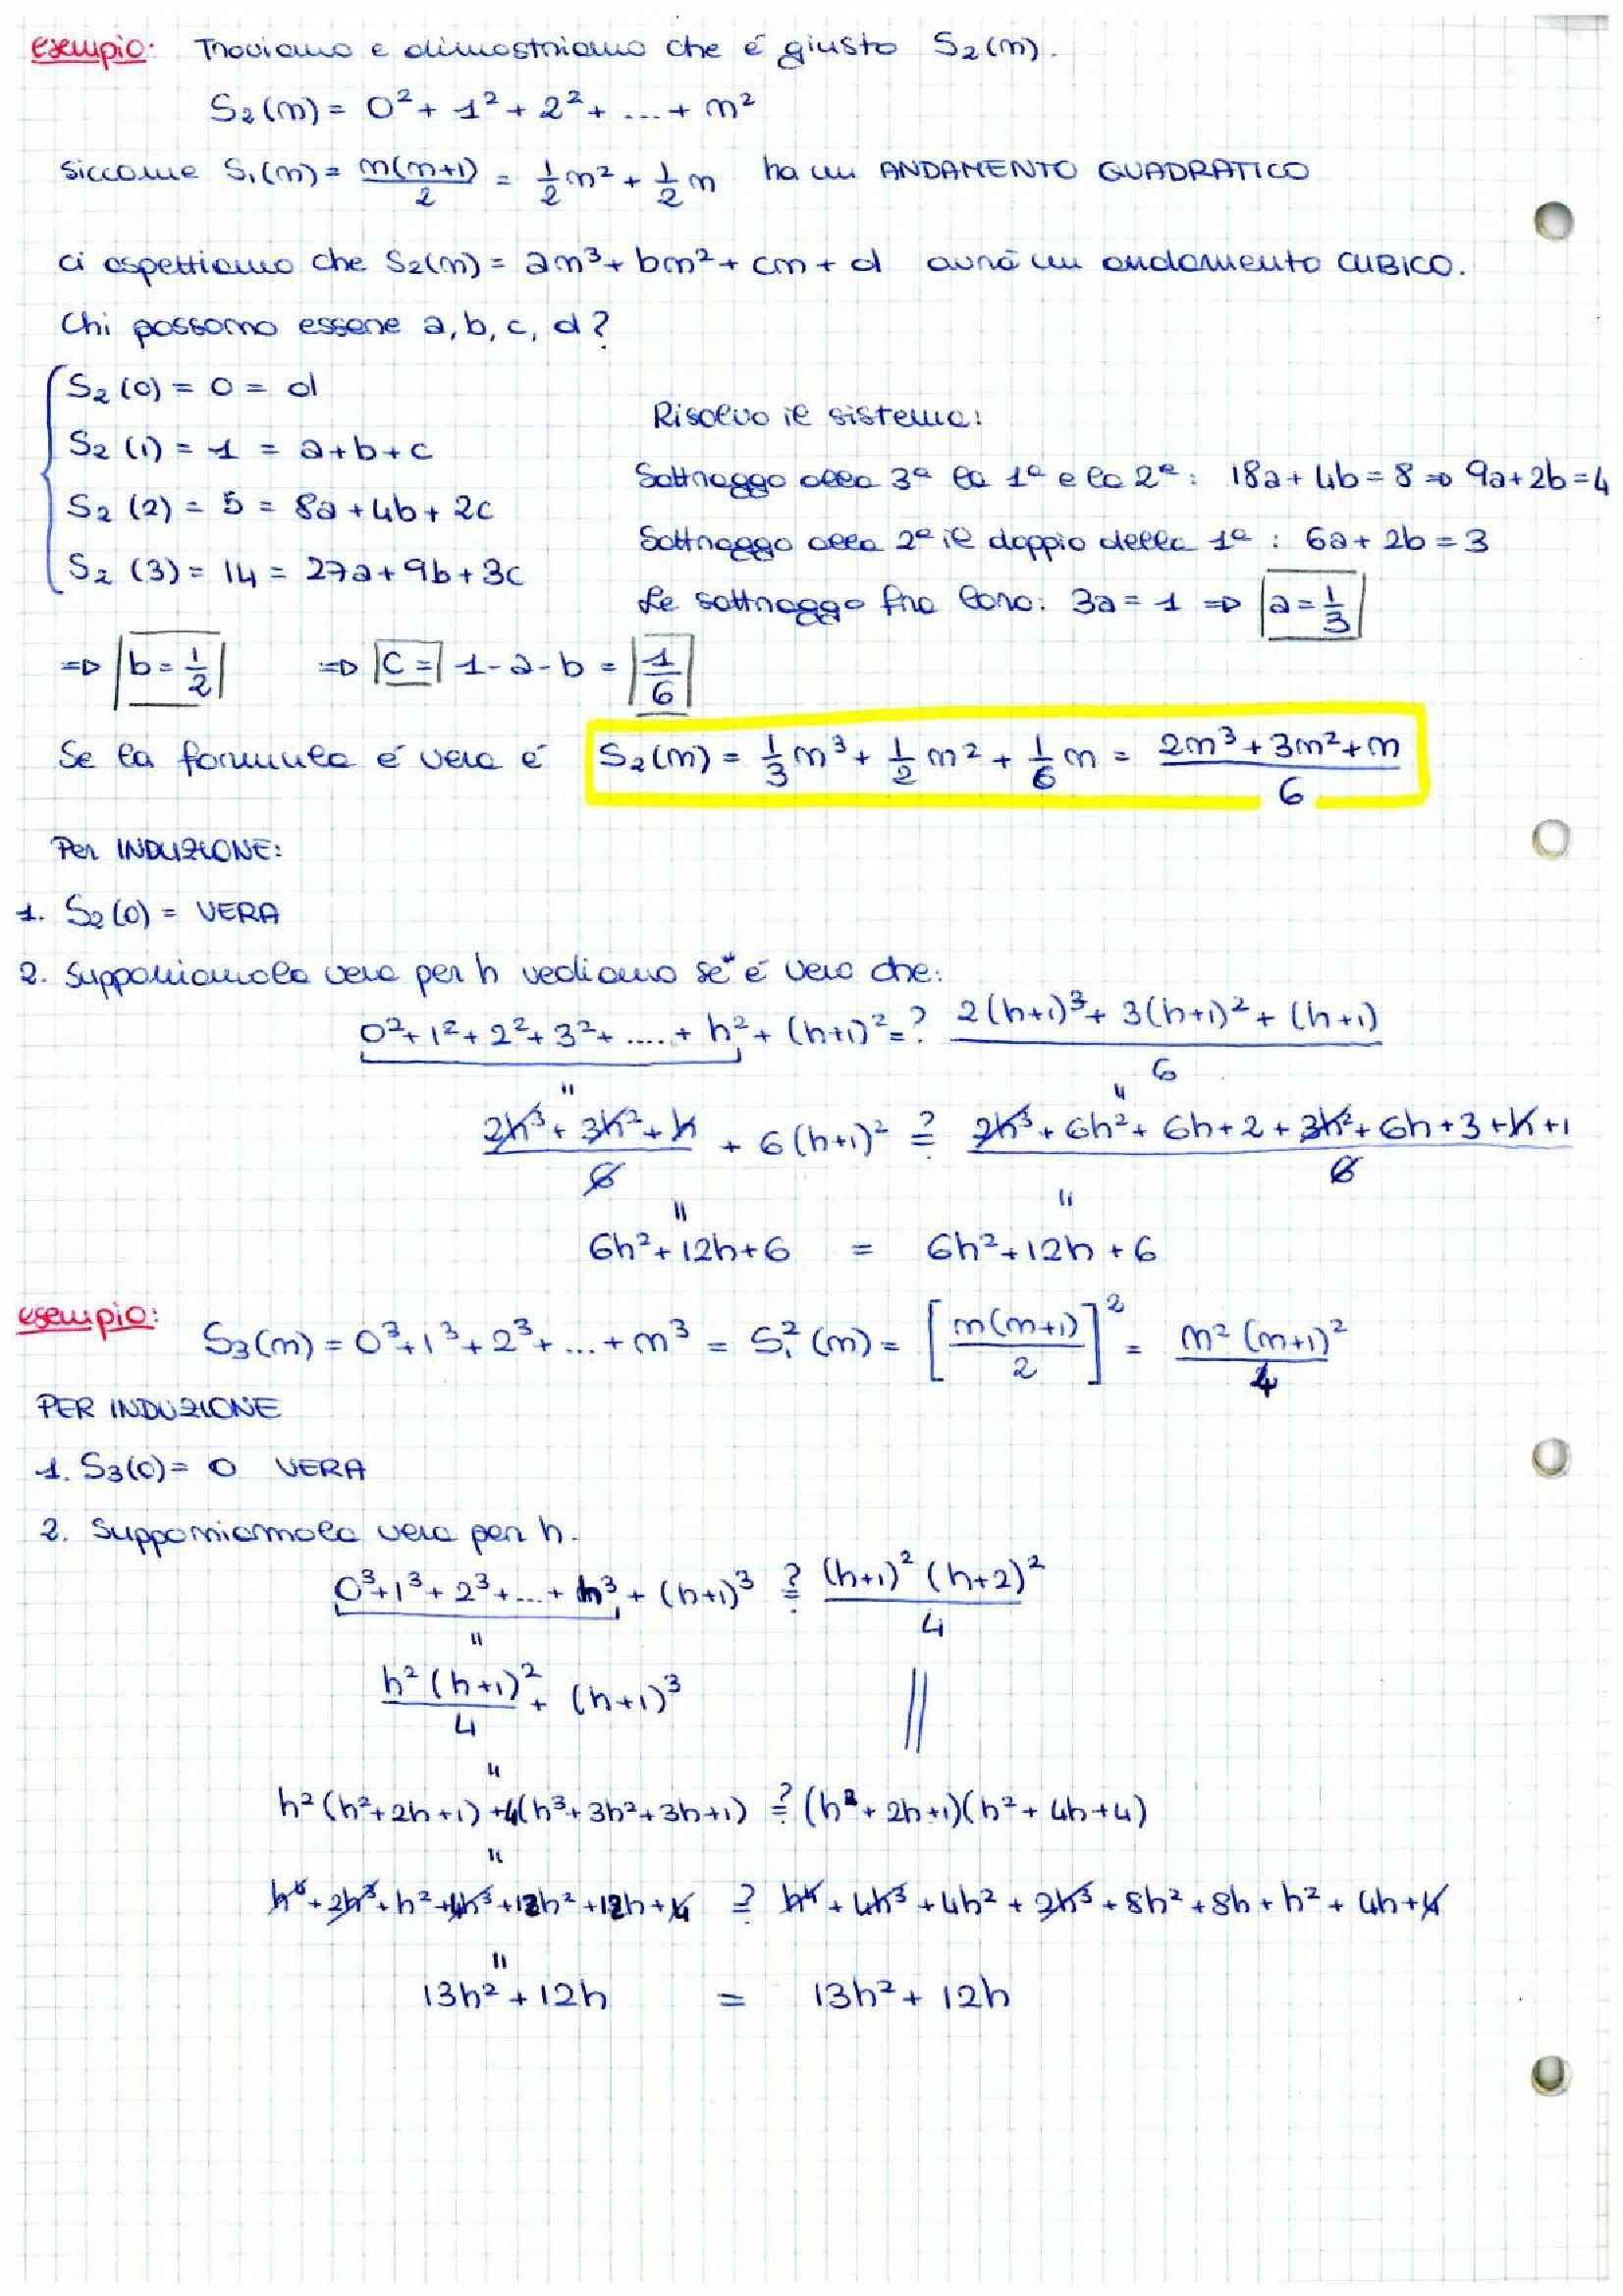 Analisi matematica 1 - Appunti a mano Pag. 6